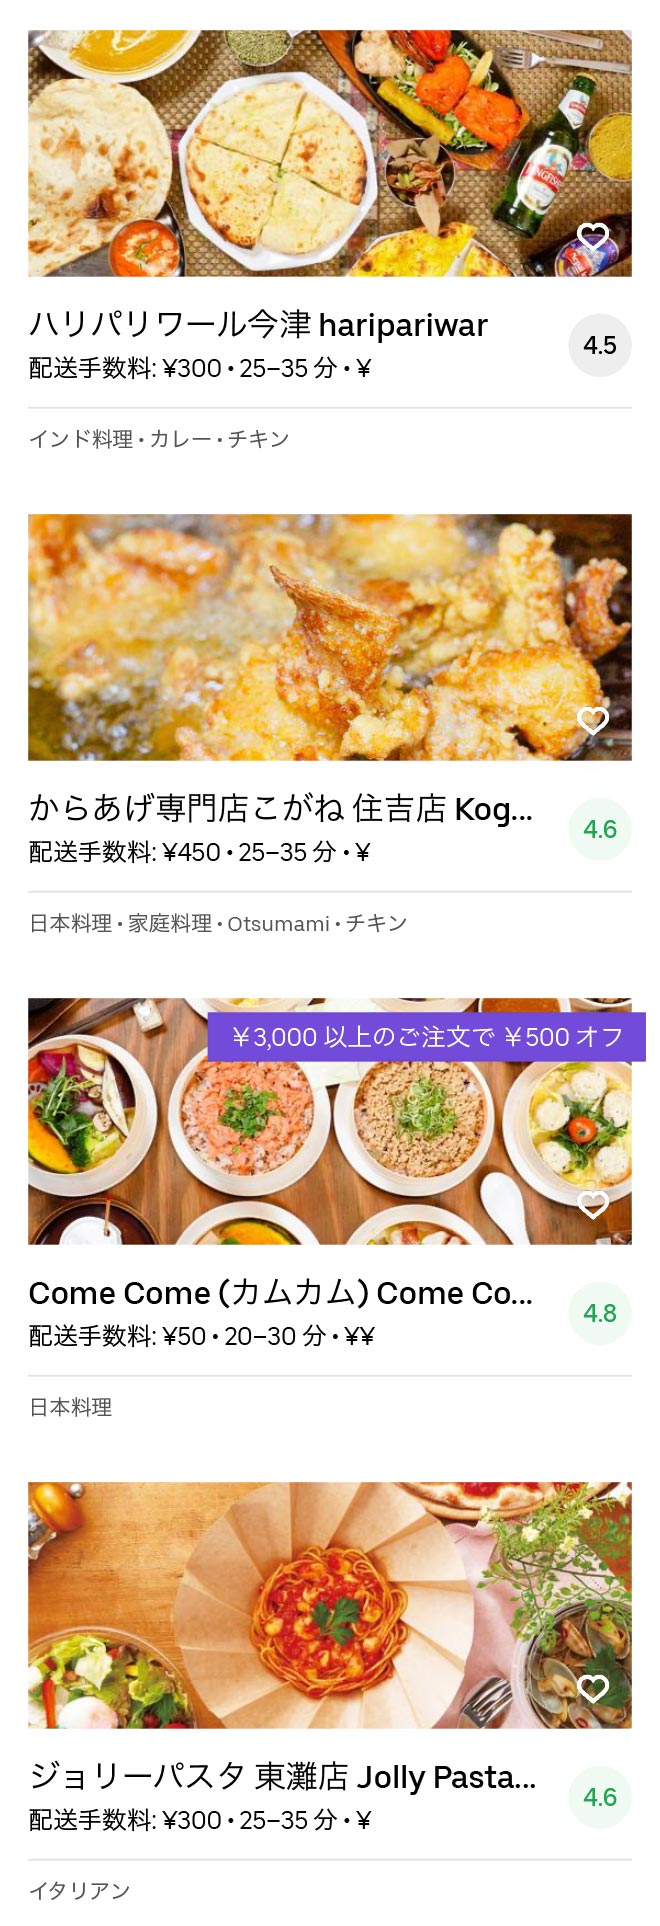 Hyogo ashiya menu 2005 07